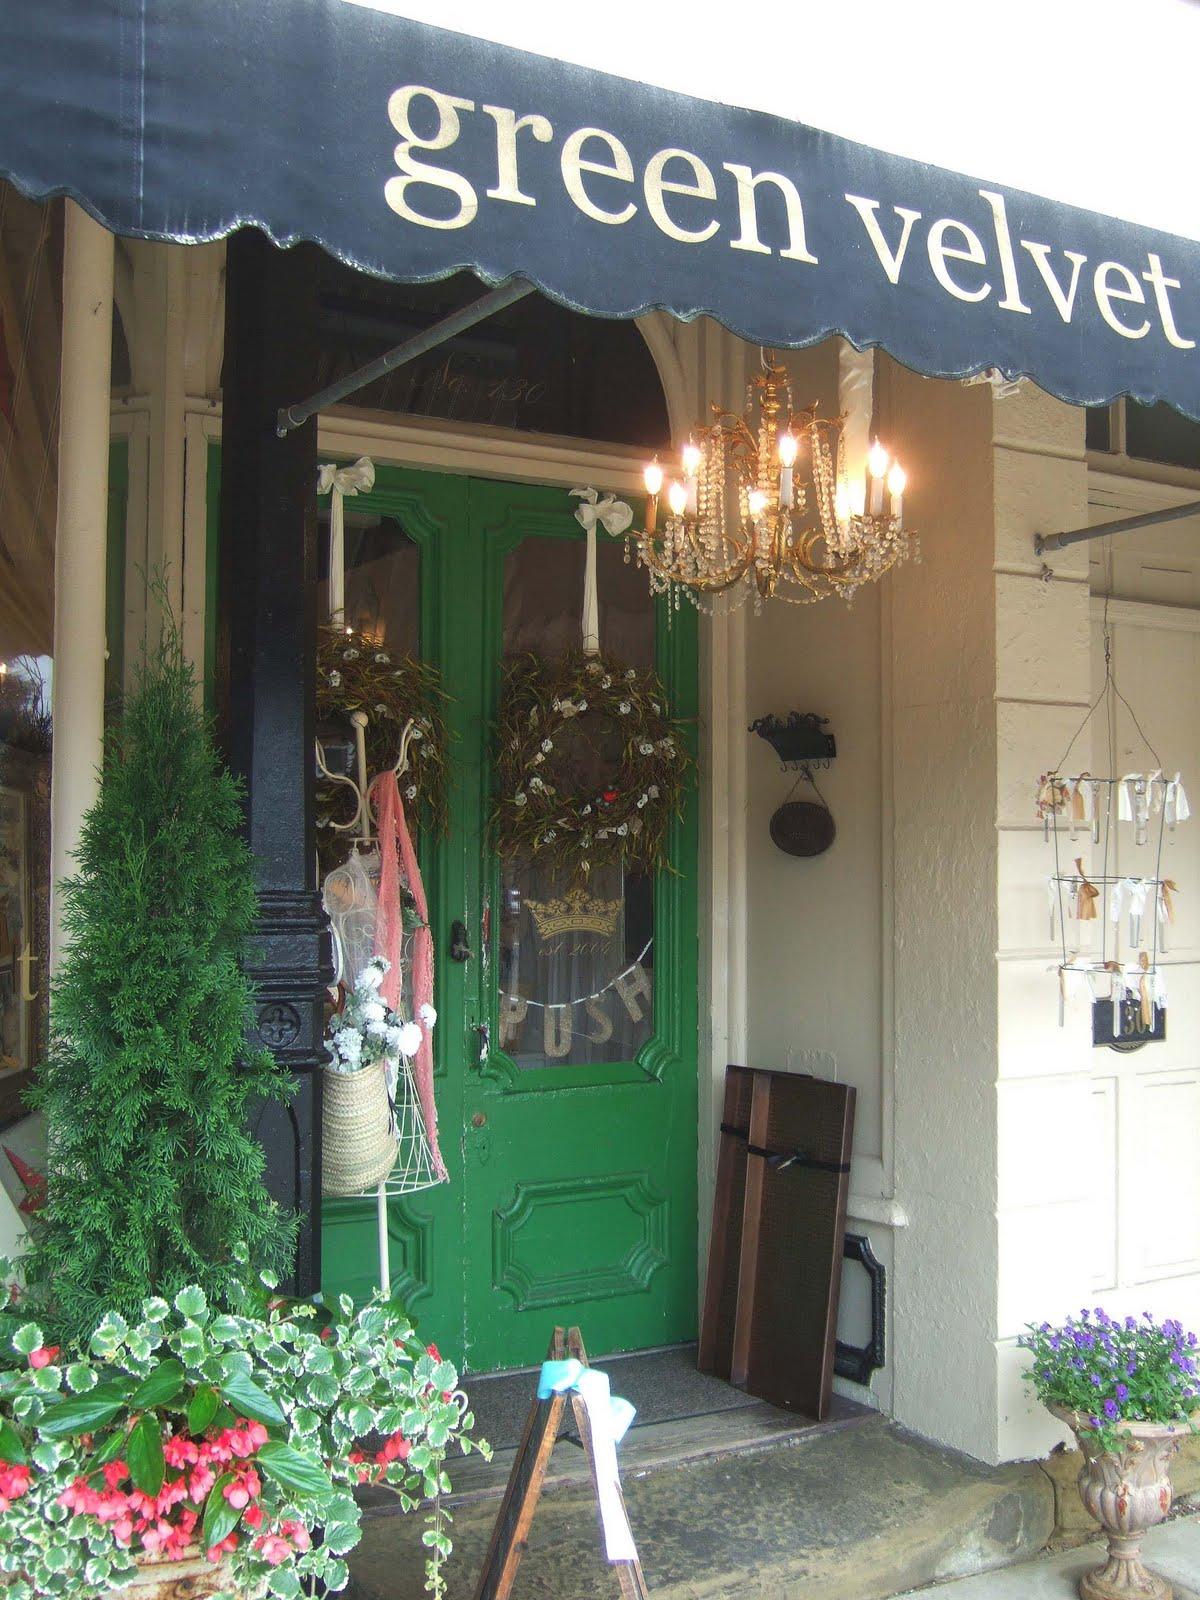 Shopping - Green Velvet.jpg